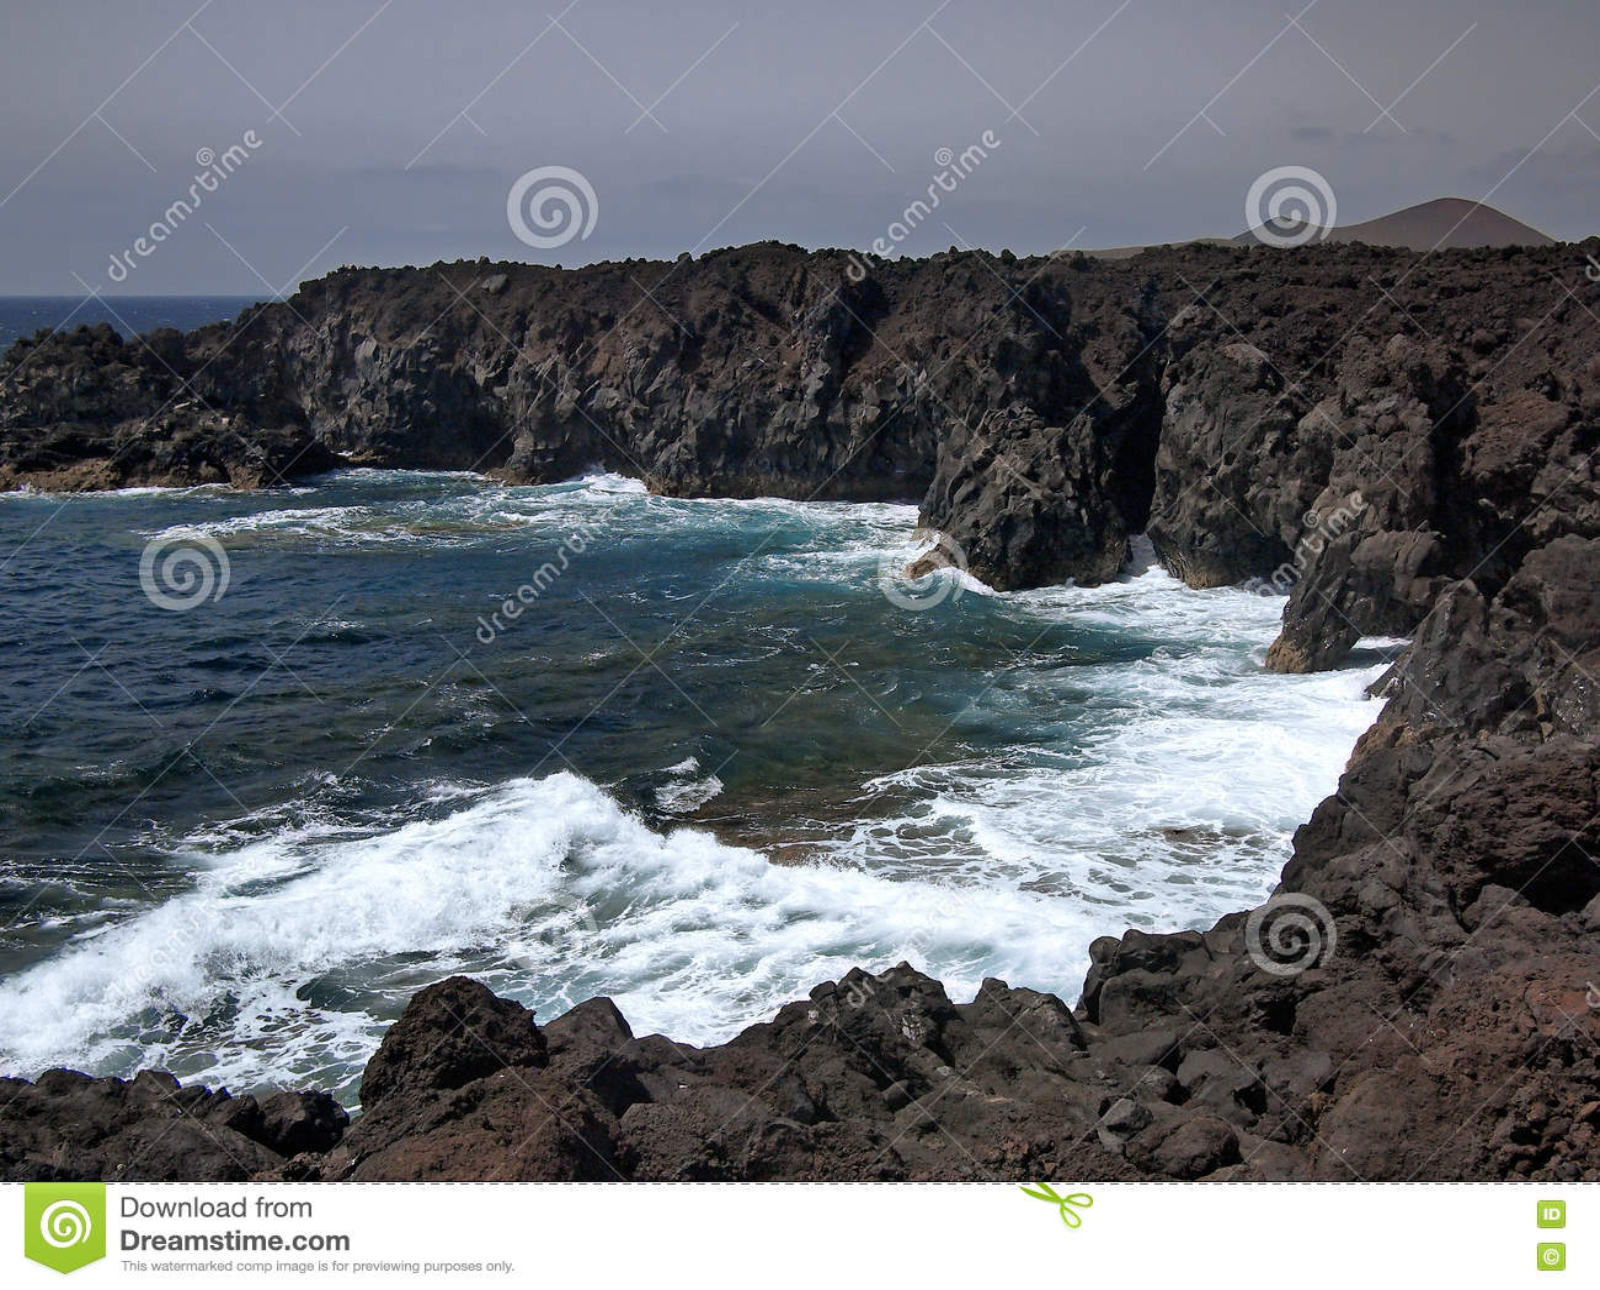 Oceaangolven die op de rotsachtige kust van verharde lava met holen en holten breken Bergen en vulkanen op de horizon